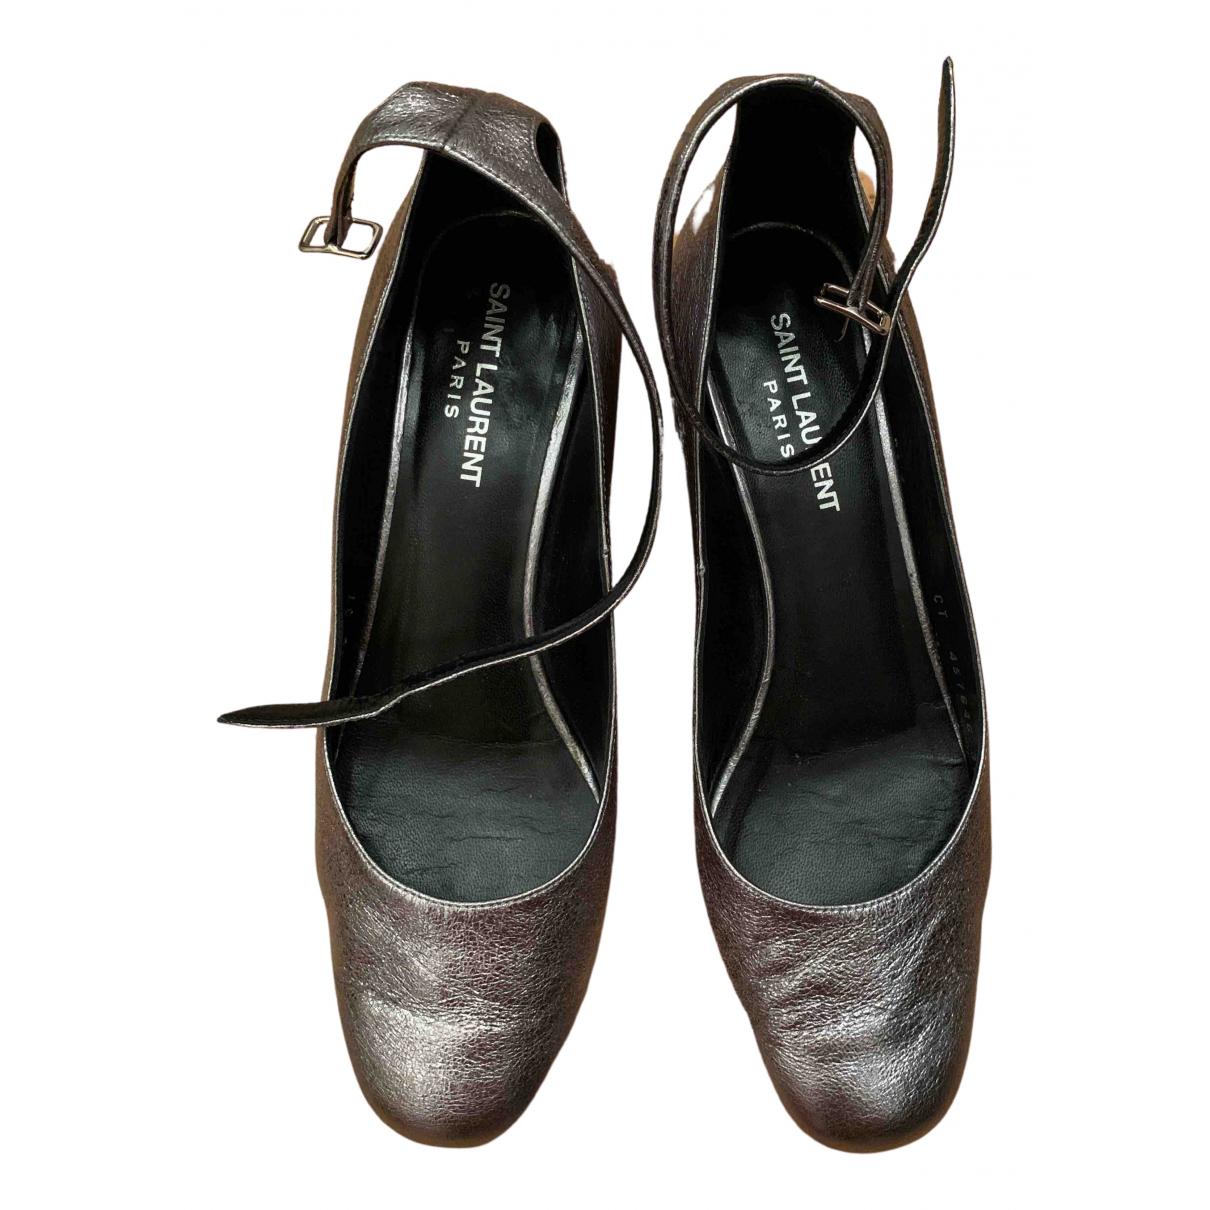 Saint Laurent N Metallic Leather Heels for Women 37 EU